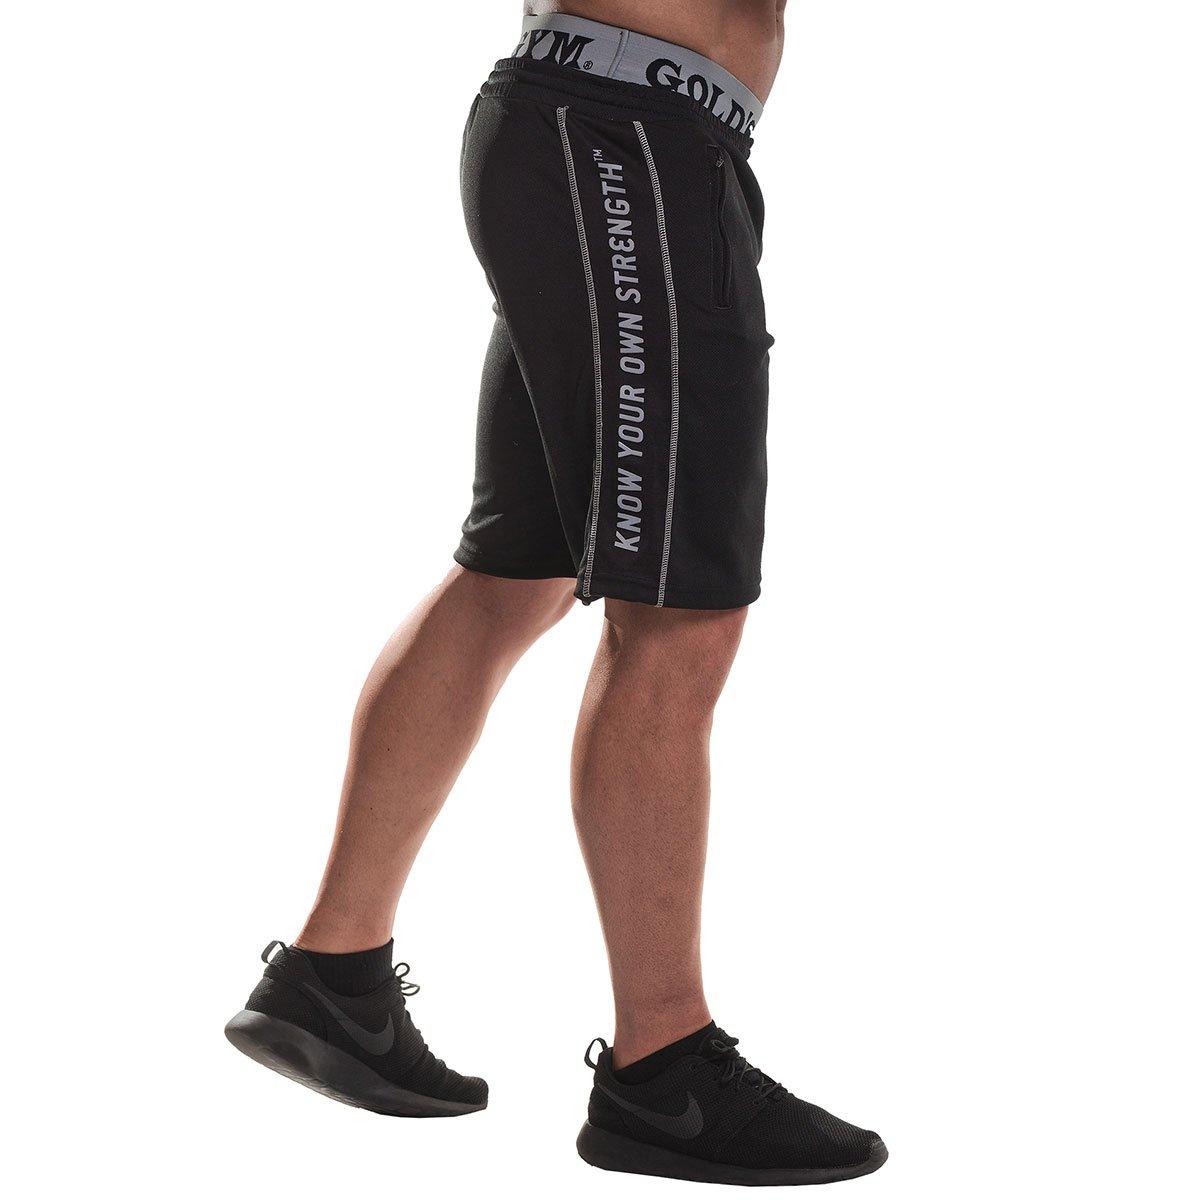 Pantaloncini da allenamento da uomo Golds Gym GGSHO069 in rete M Nero 1 colore: Nero con cerniera